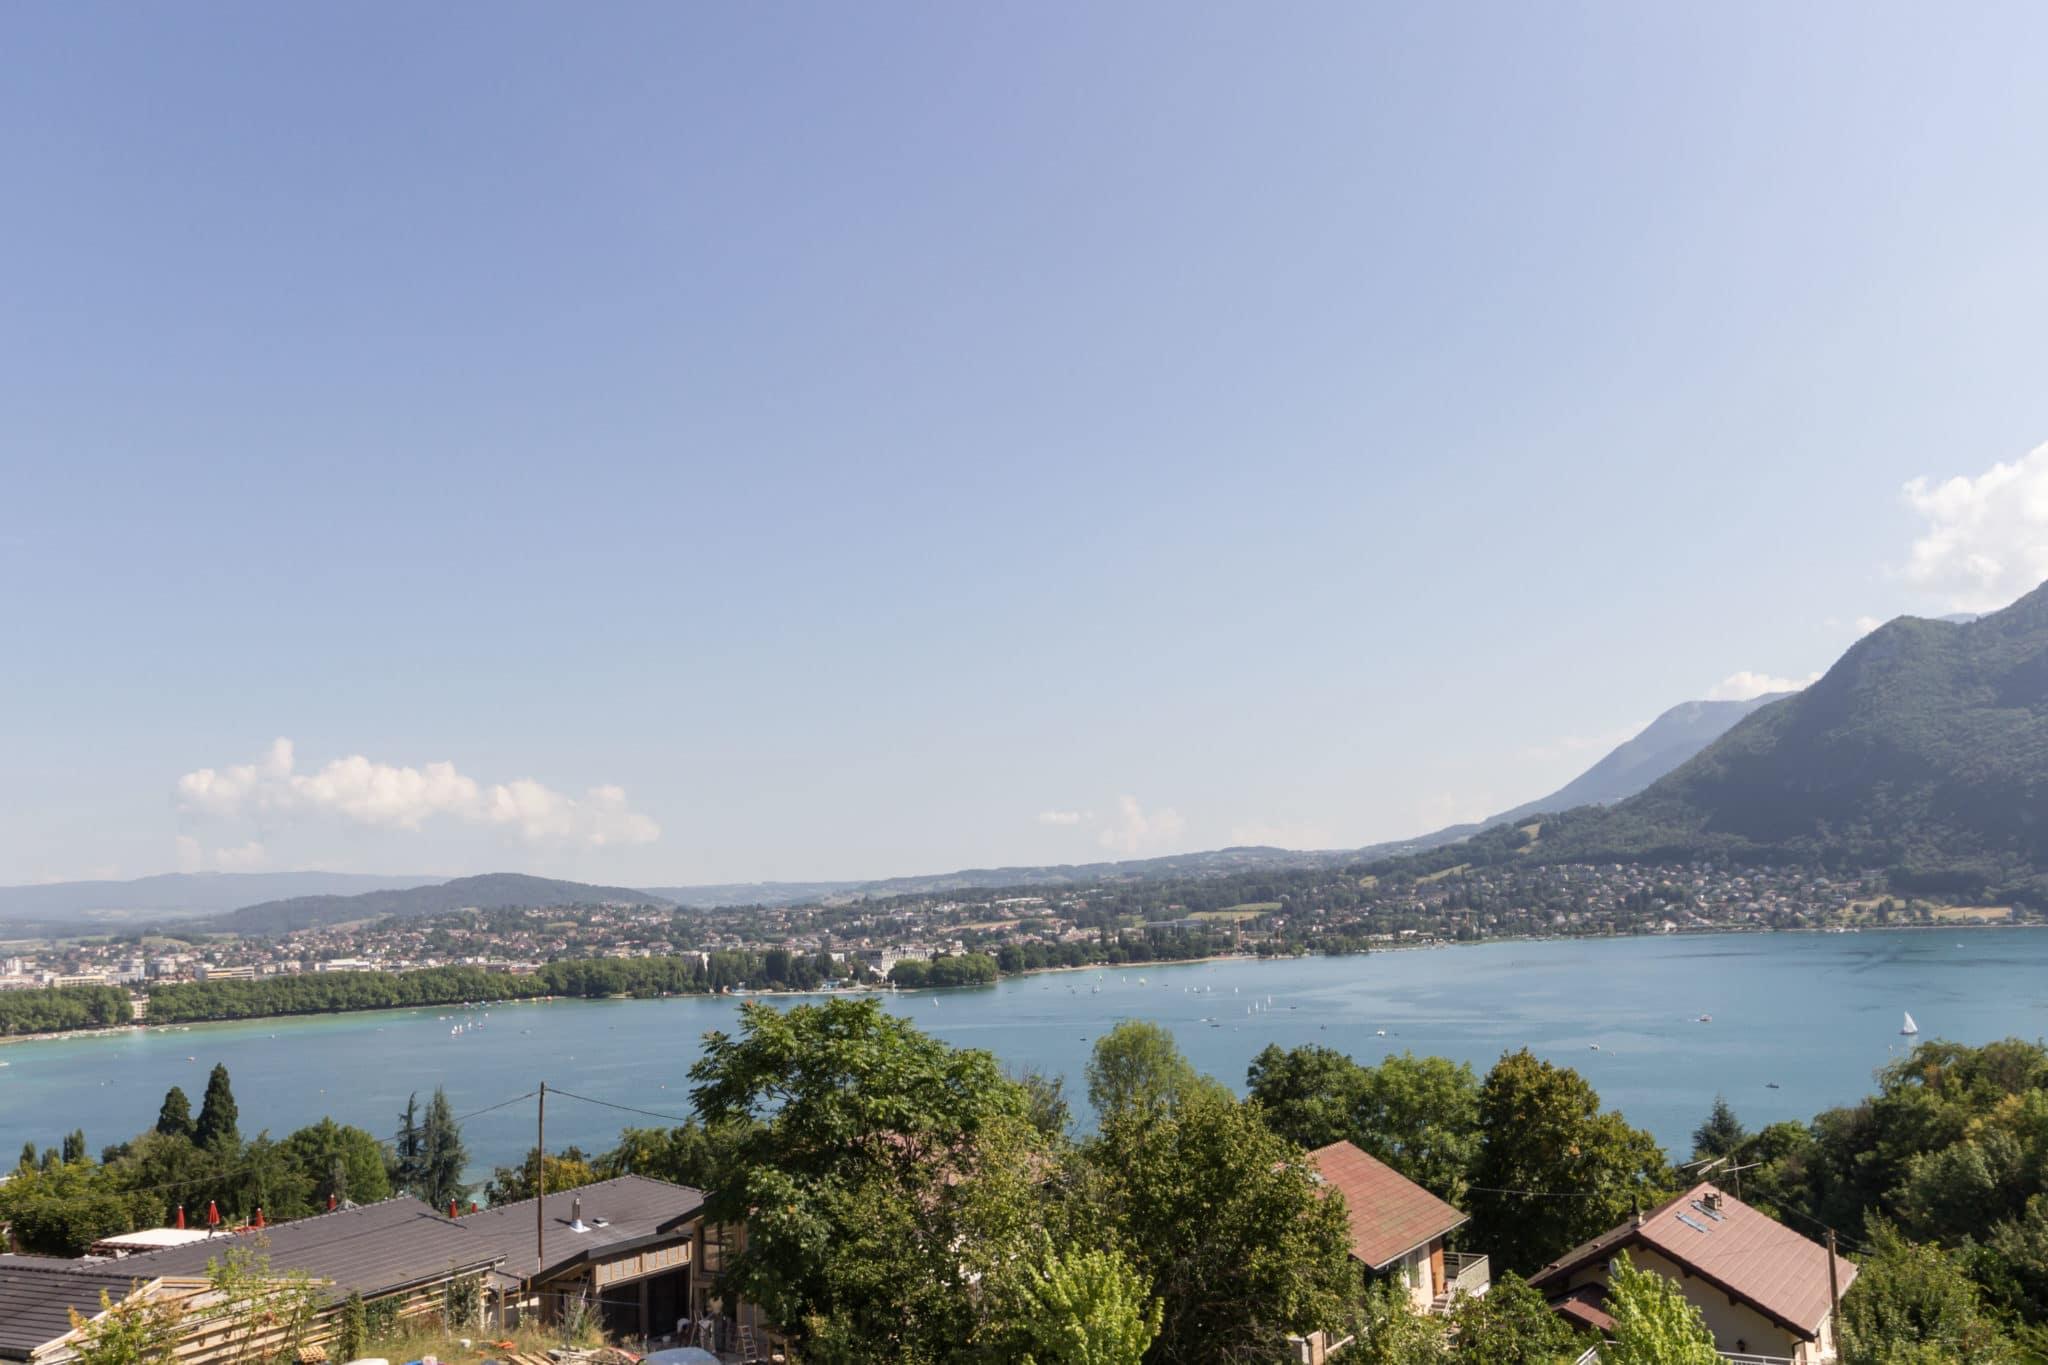 Annecy Centre - Maison Vue Panoramique Sur Le Lac Et Les Montagnes